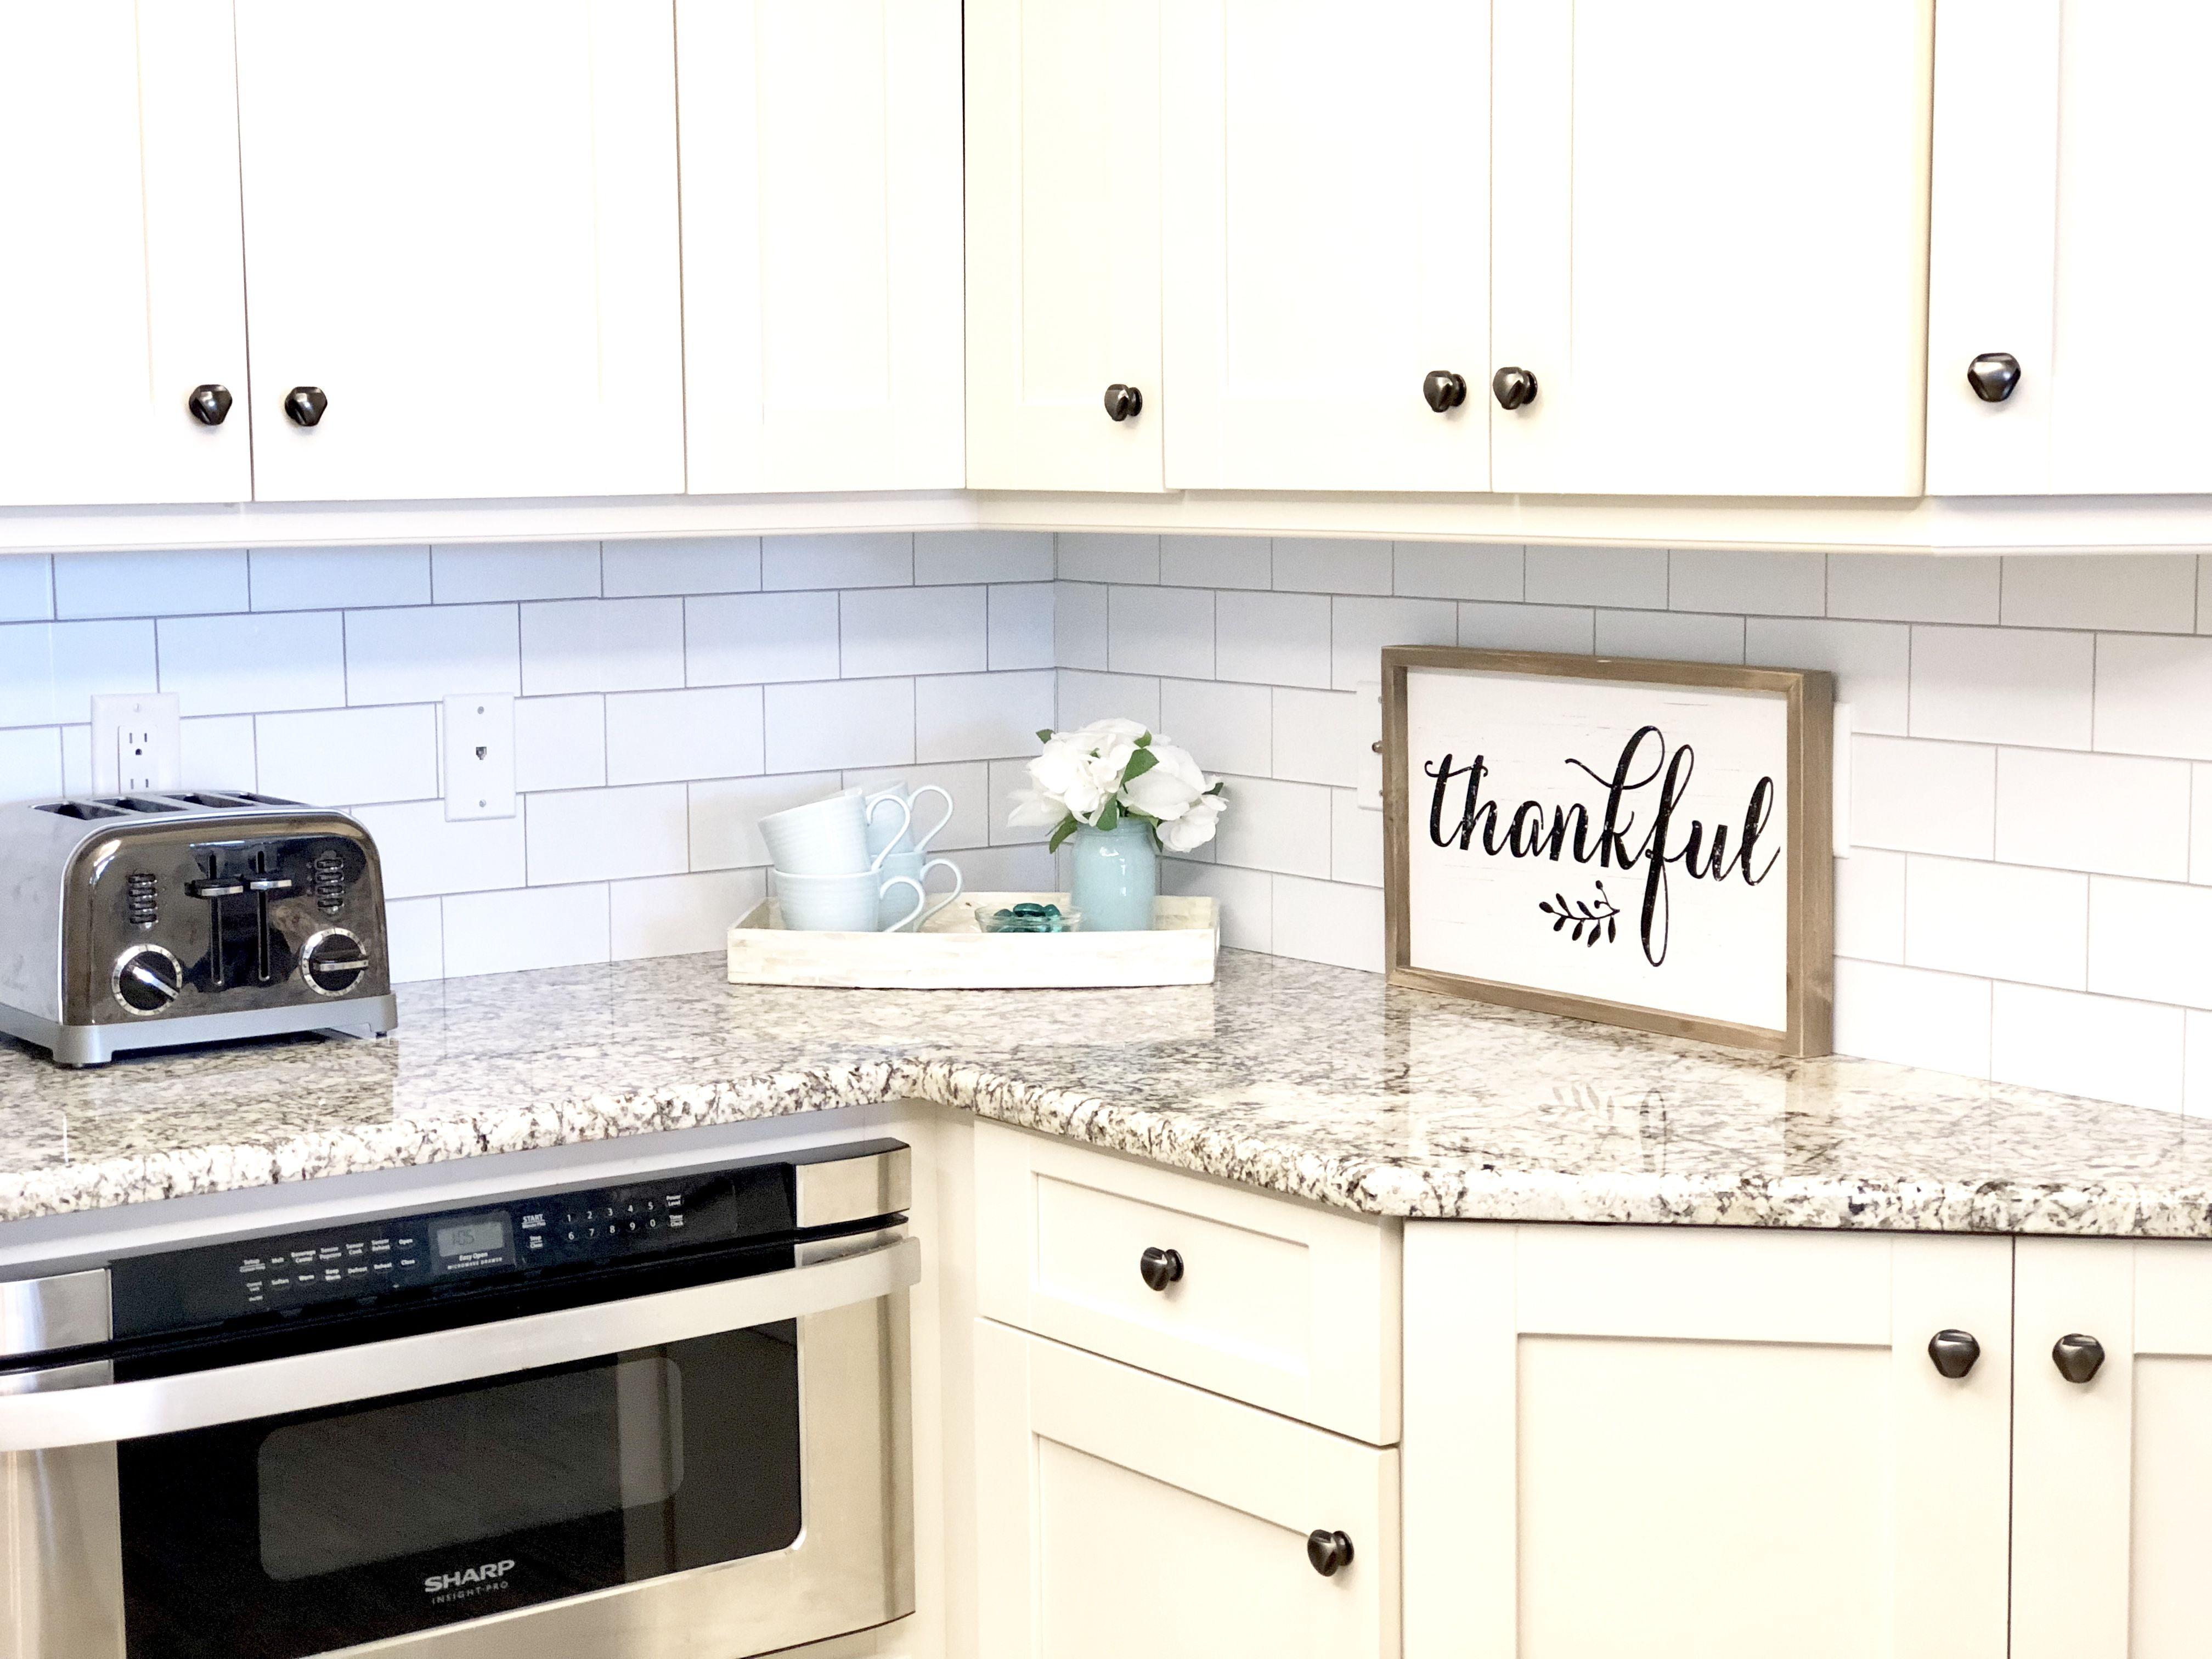 DIY Subway Tile Wallpaper Backsplash Backsplash with